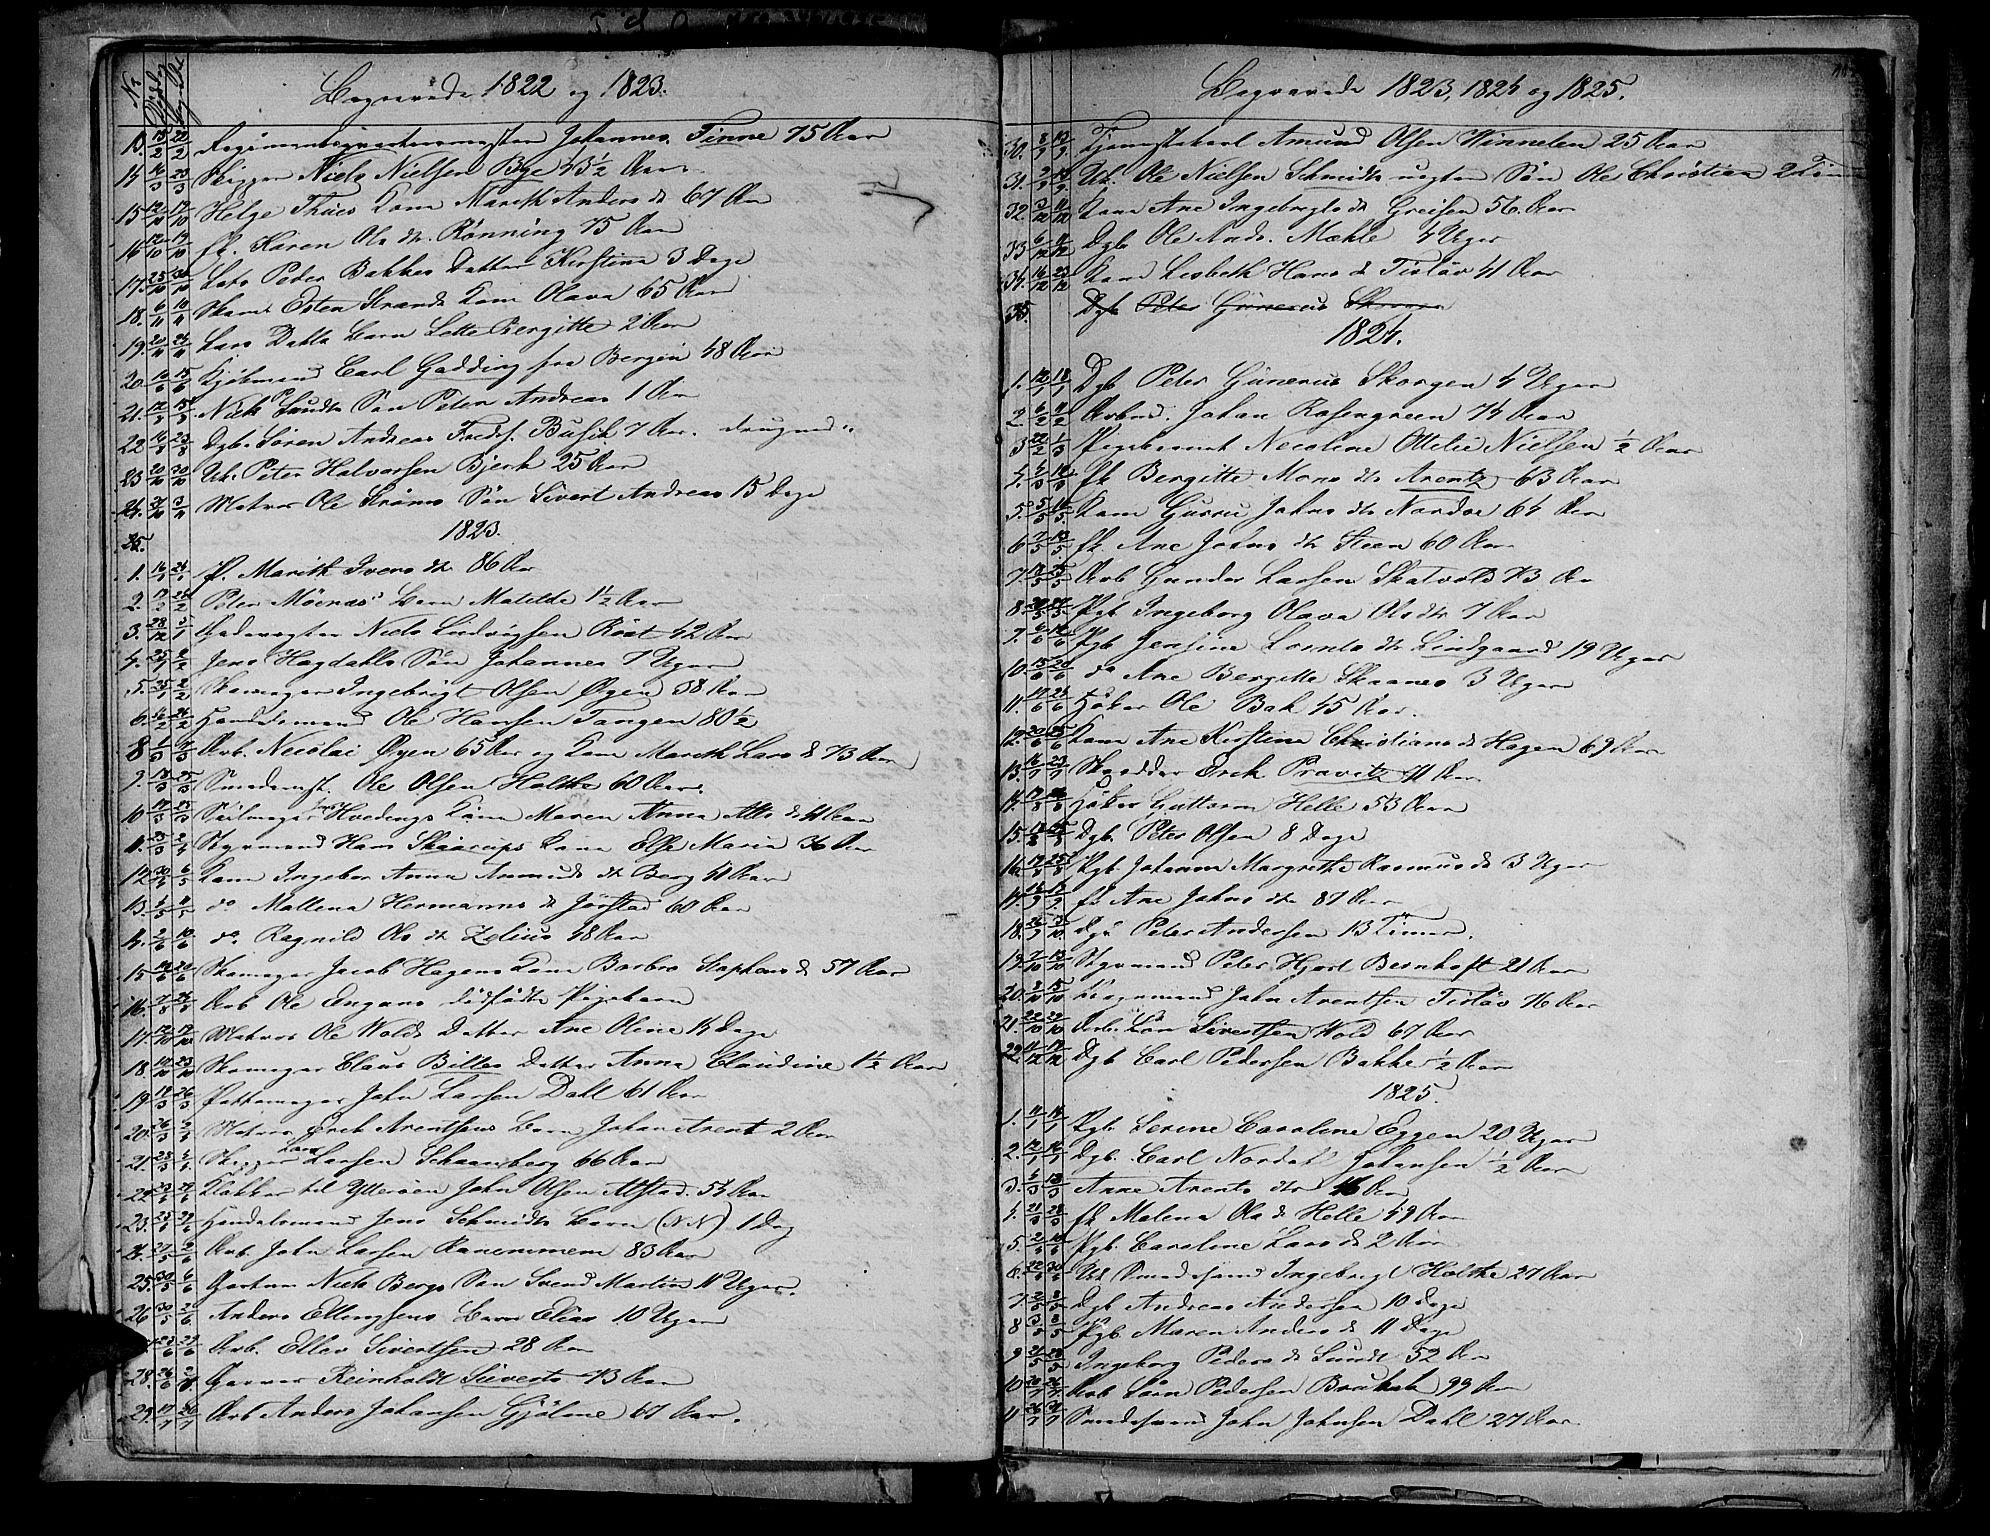 SAT, Ministerialprotokoller, klokkerbøker og fødselsregistre - Sør-Trøndelag, 604/L0182: Ministerialbok nr. 604A03, 1818-1850, s. 11